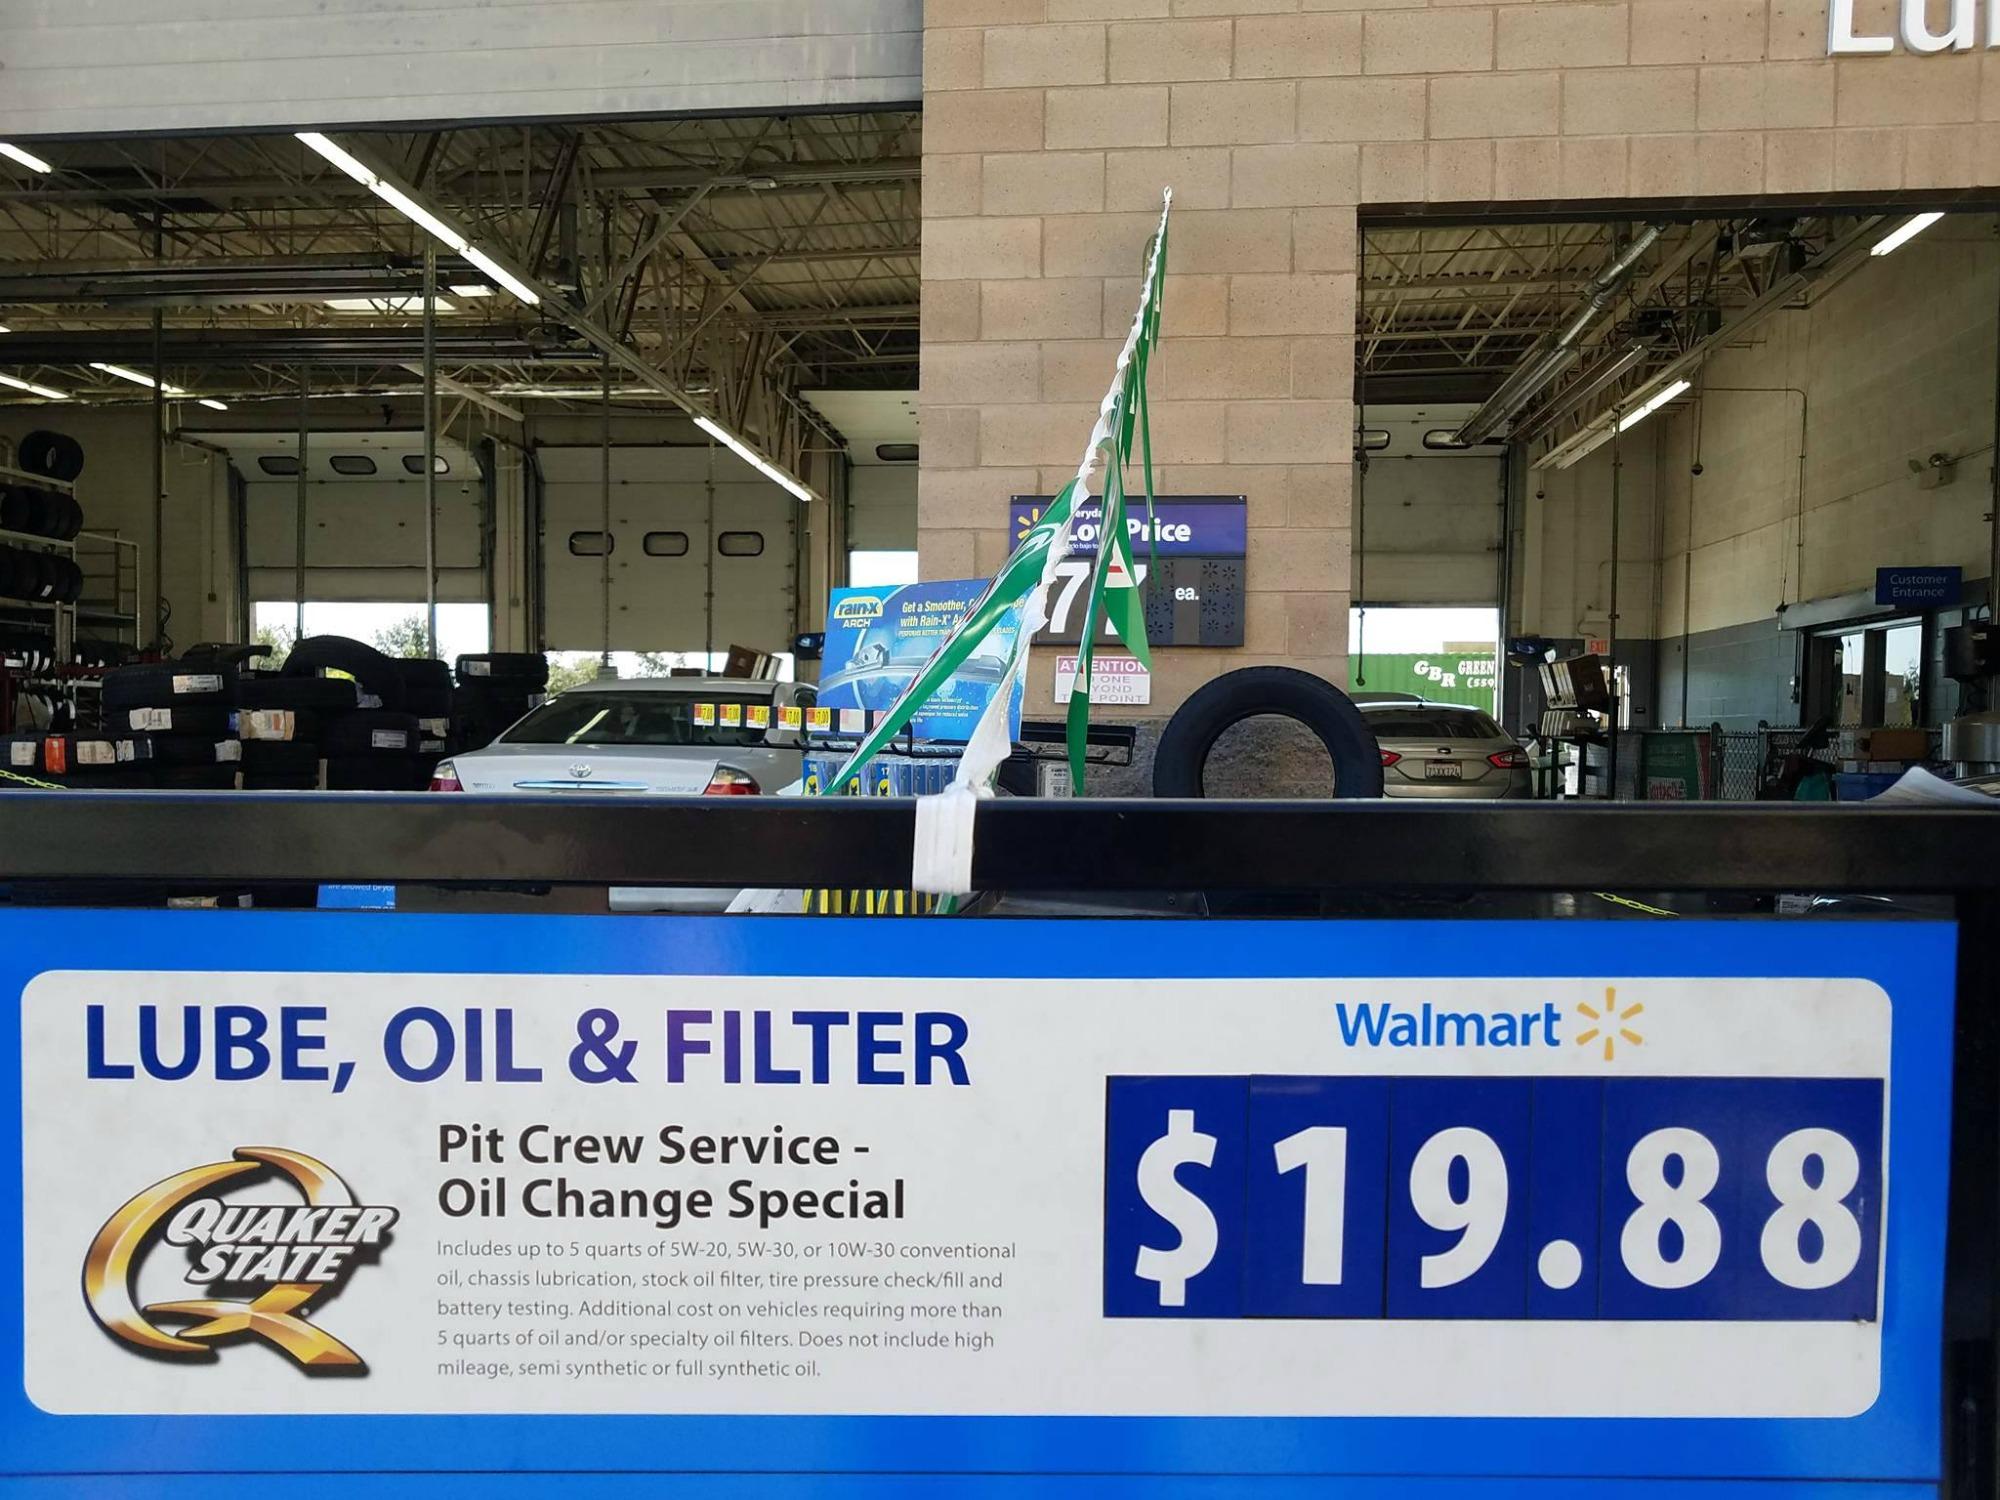 Walmart Car Service Center: Tips Para Ahorrar Dinero Y Tiempo En El Cambio De Aceite